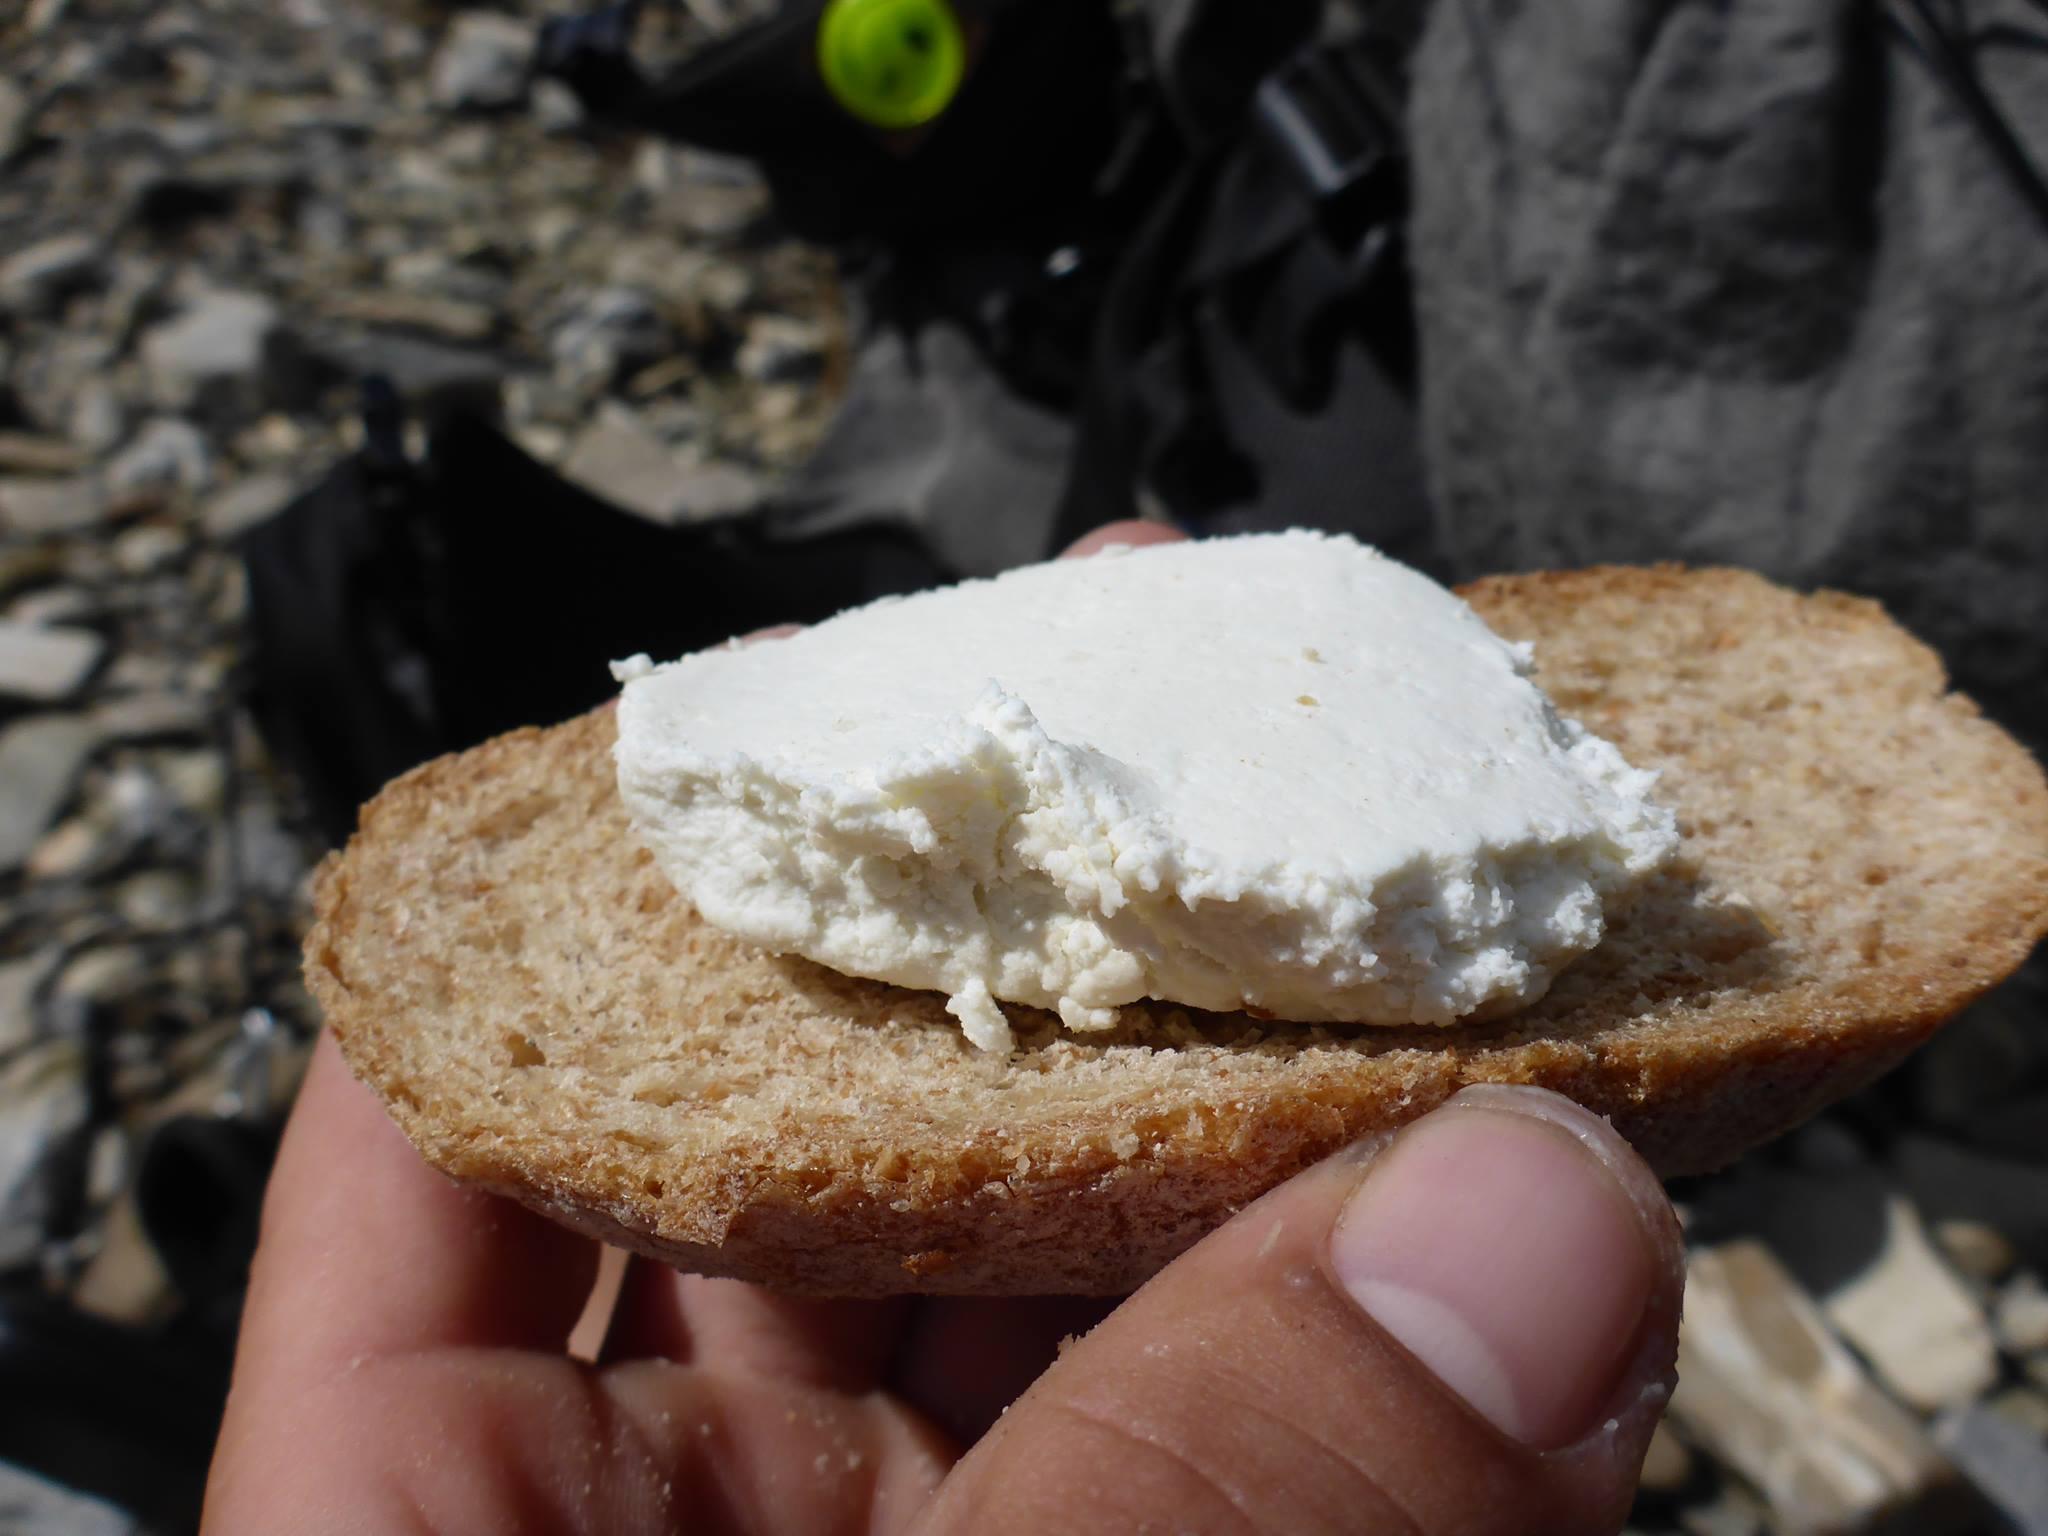 Un groupe de berger m'offre plus d'un kilogramme de leur fromage frais. La technique consiste a le manger en agrémentant chaque bouchée par une petite pincée de sel